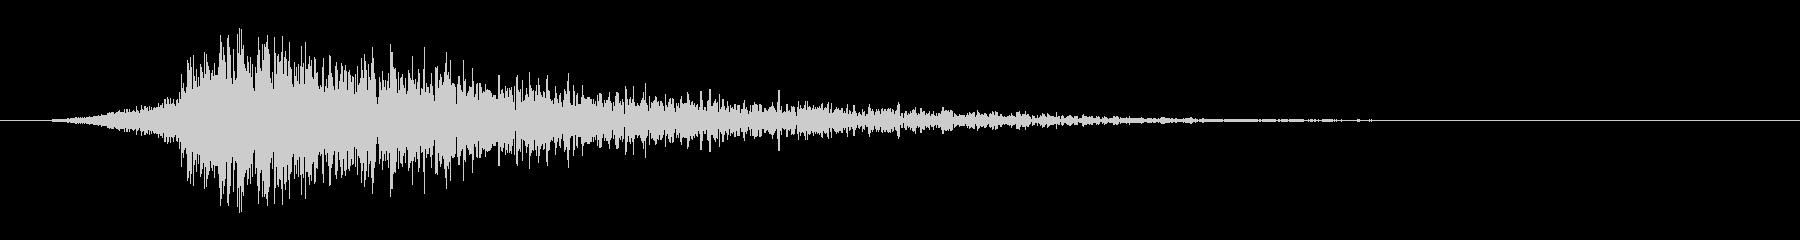 シンフォニックヒットディープアンド...の未再生の波形